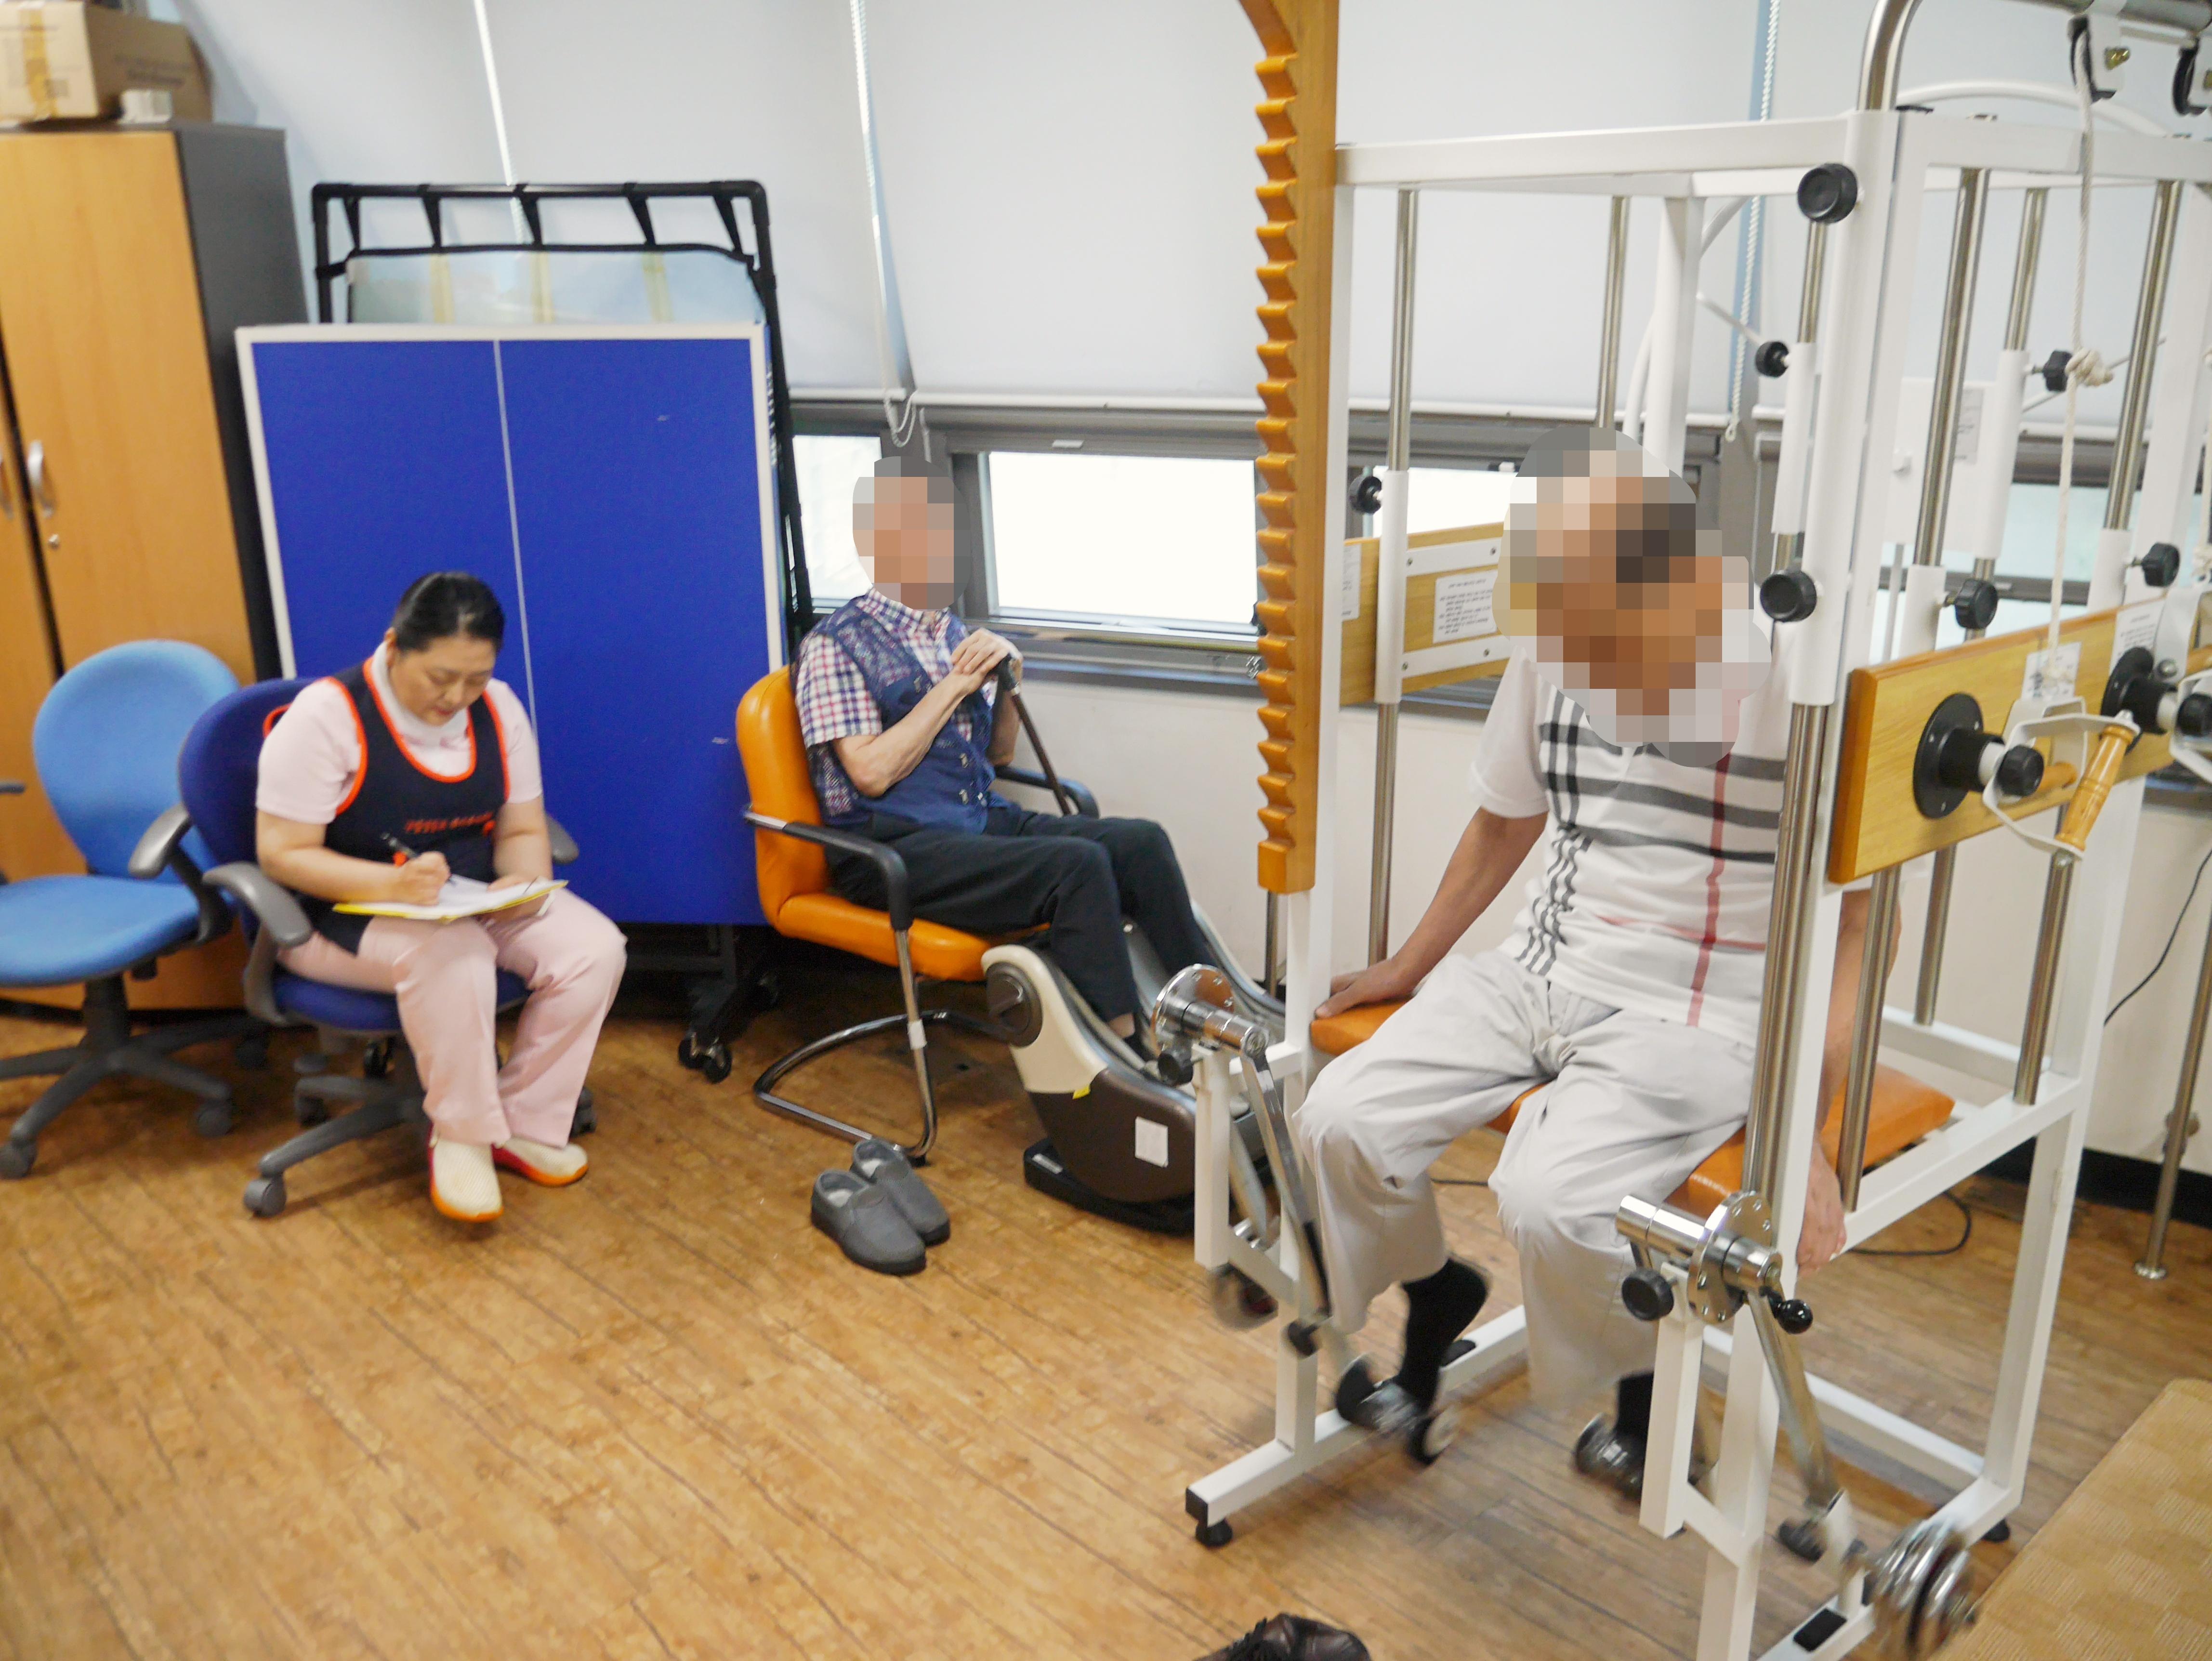 주야간보호센터 8월 기능회복-물리치료 사진입니다.